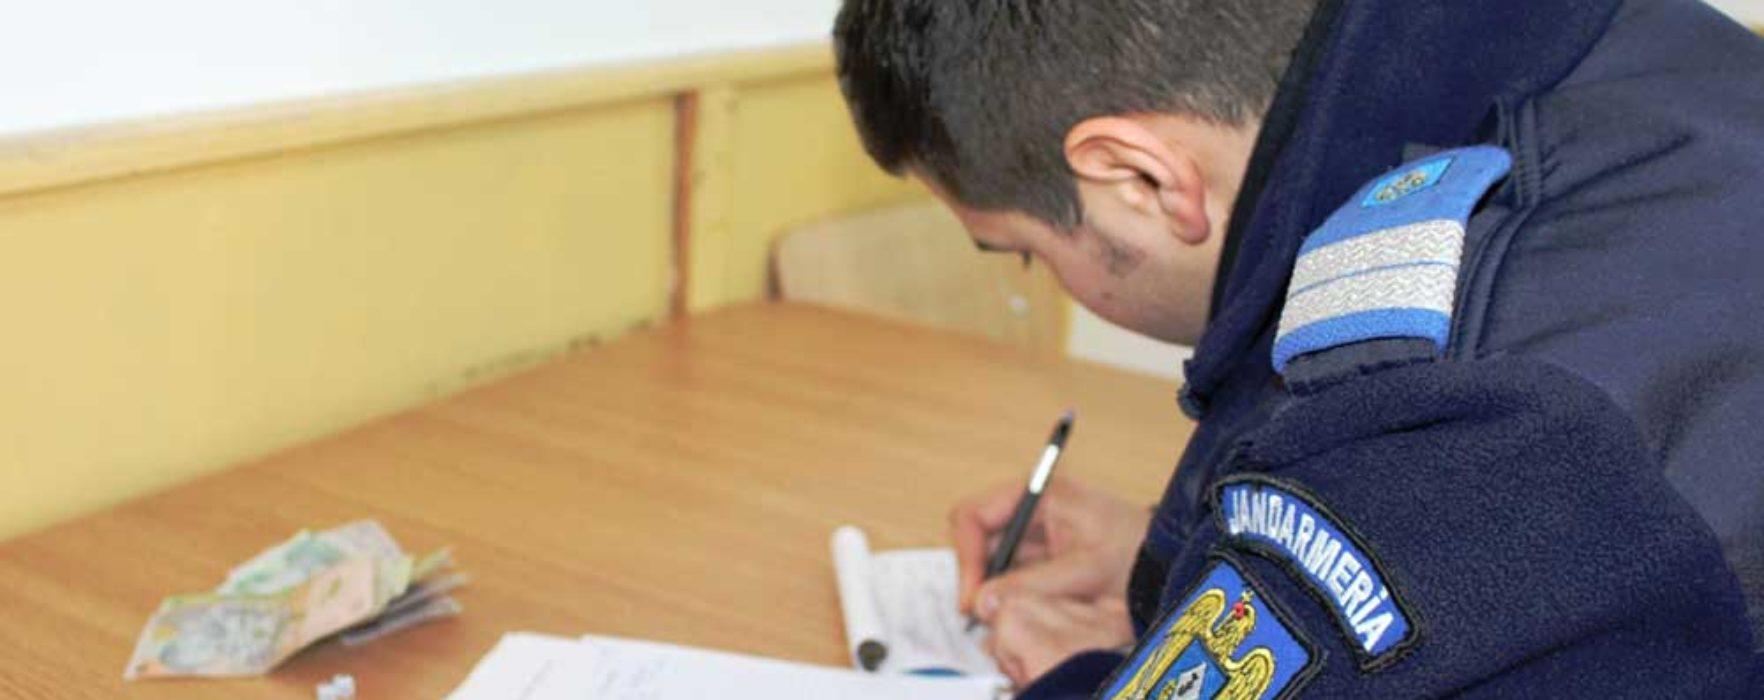 Târgovişte: Elevi amendaţi de jandarmi după ce au jucat barbut în sala de curs